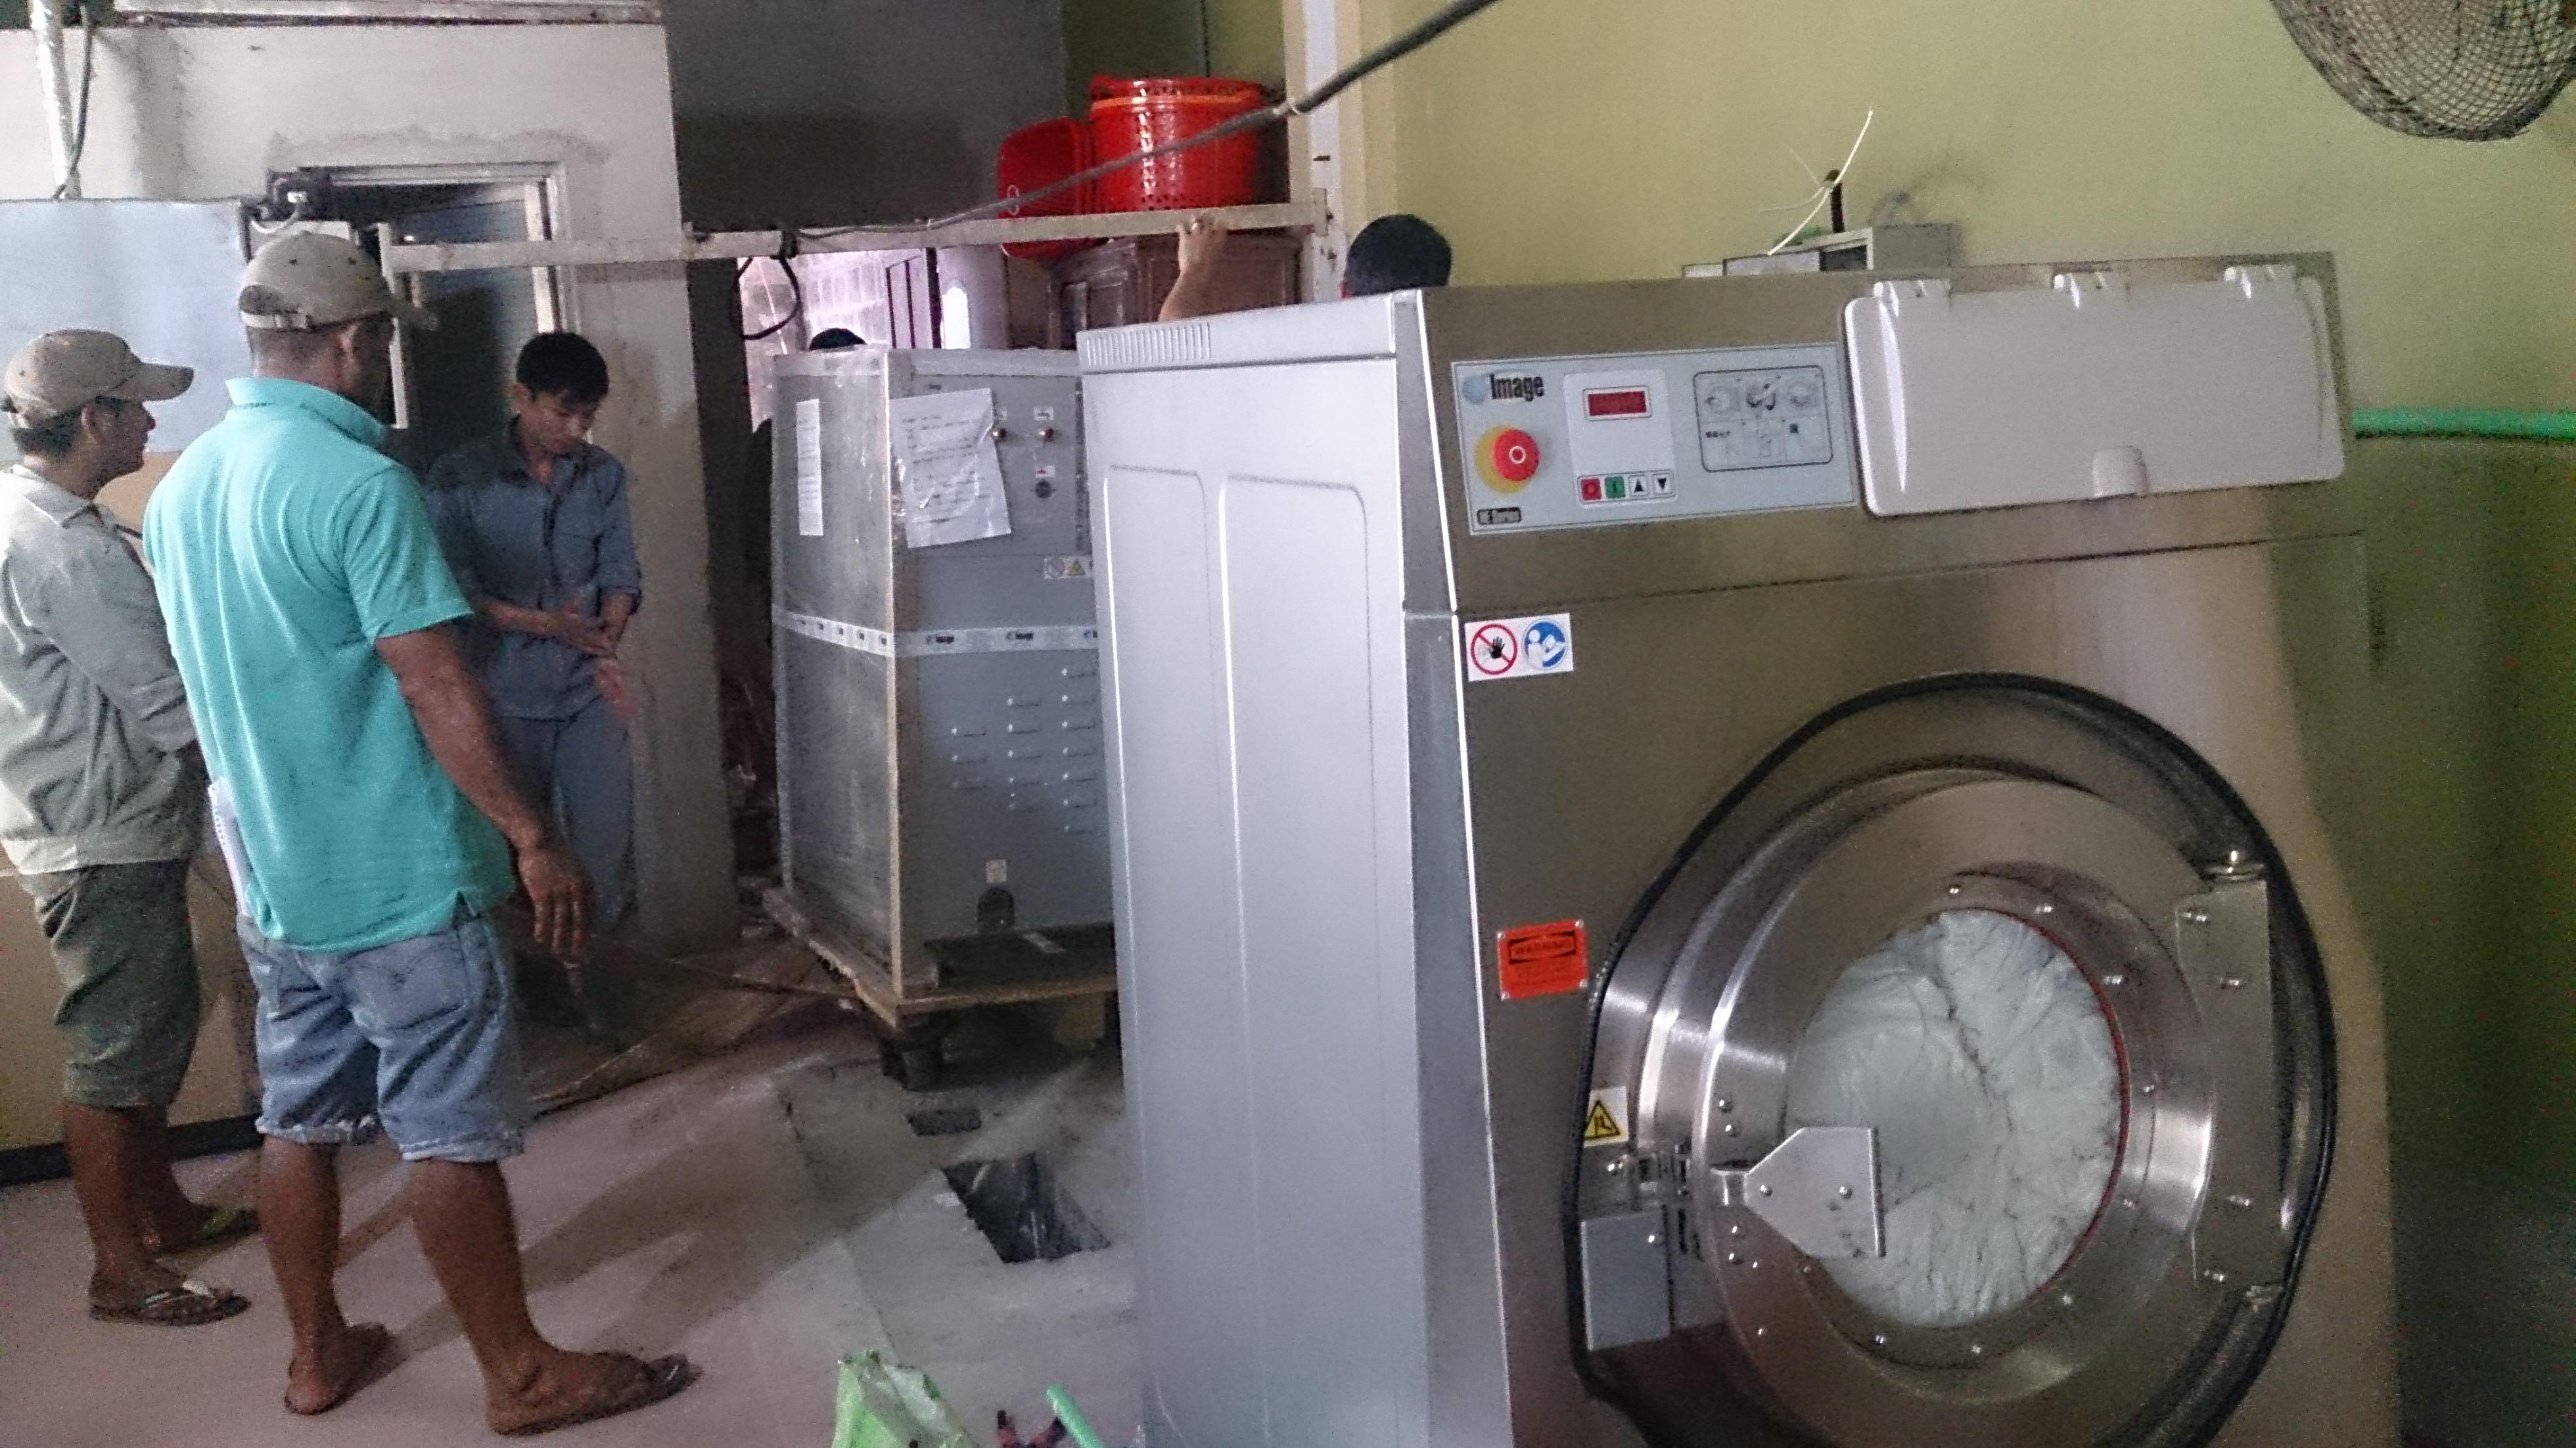 DSC 1881 - Tư vấn mua máy giặt công nghiệp cho người mở xưởng giặt là